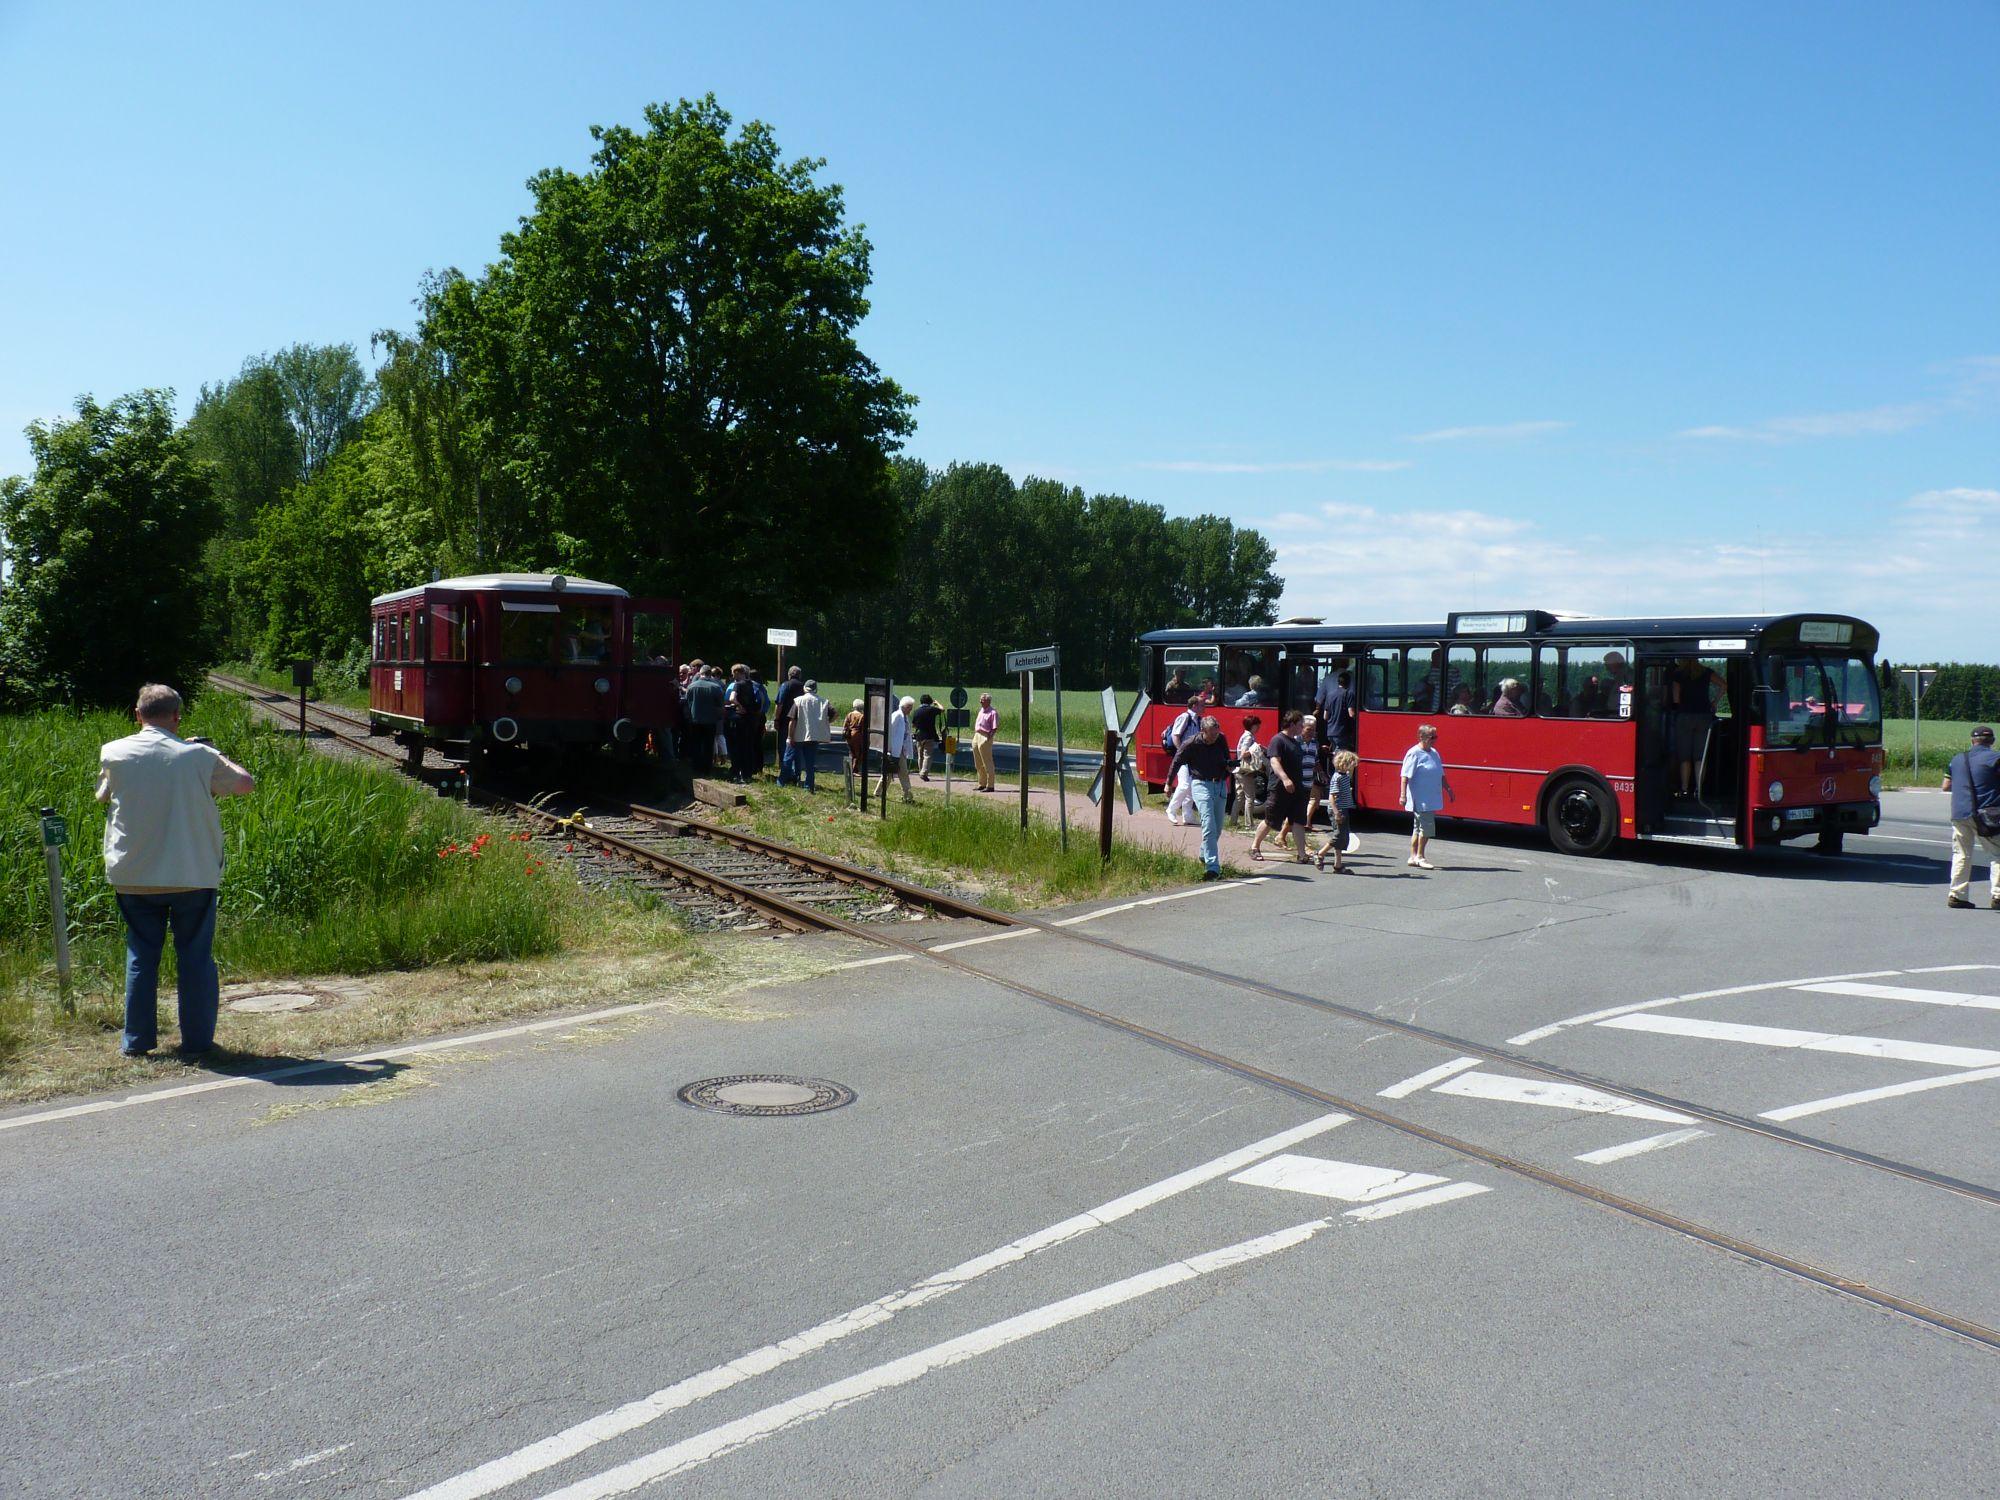 avlelbmarschbahn012